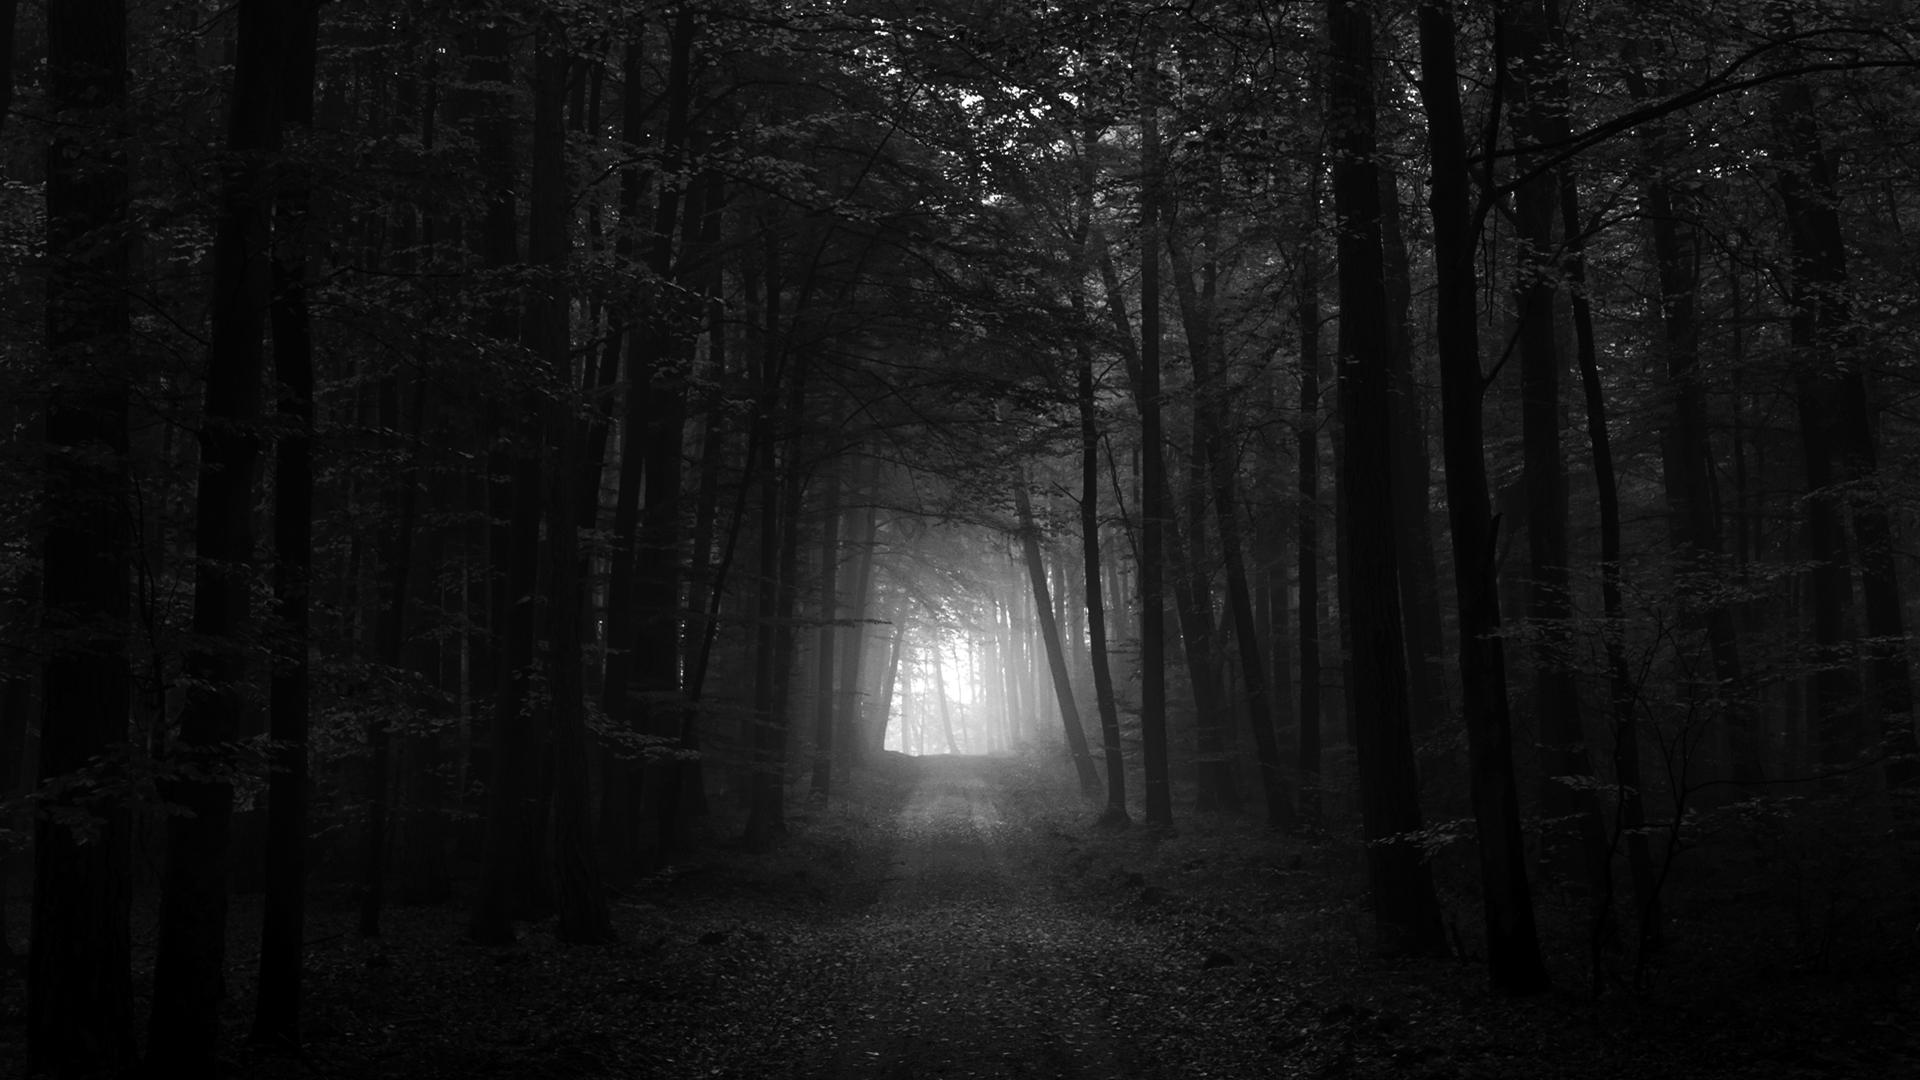 Το δάσος φοβίζει ακόμα